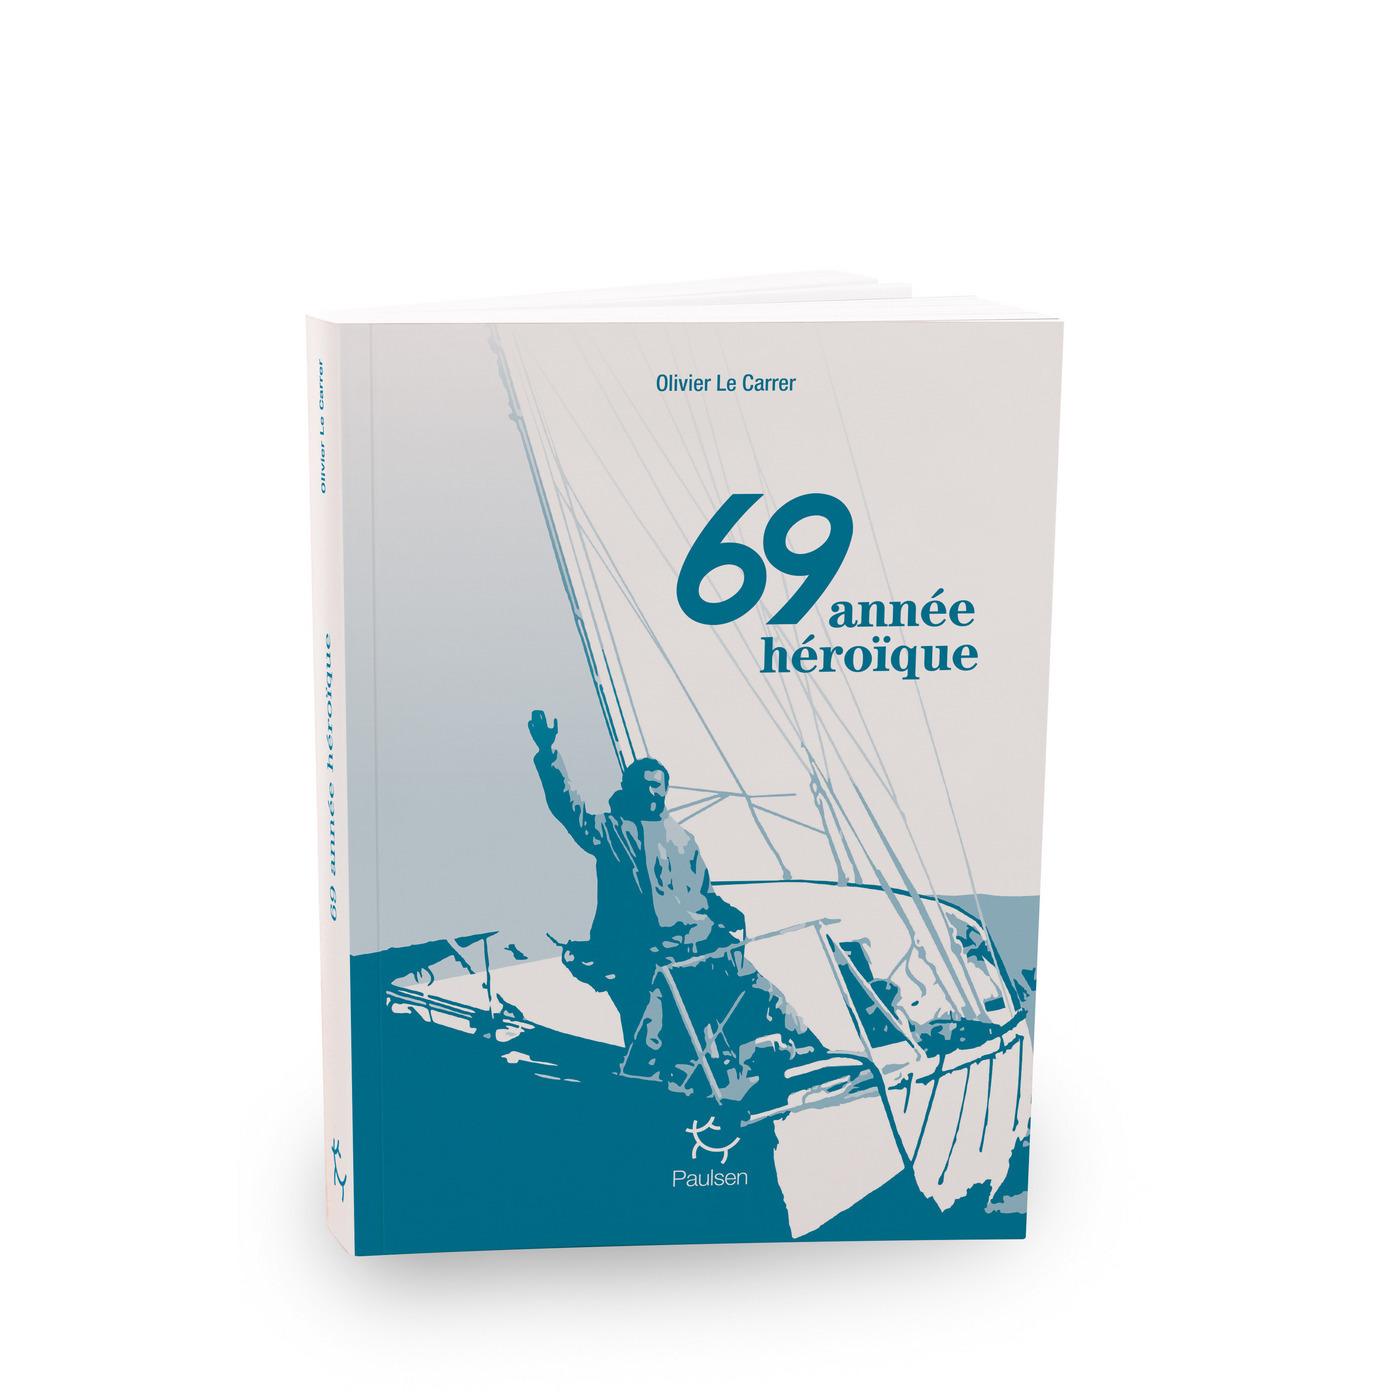 69 année héroïque